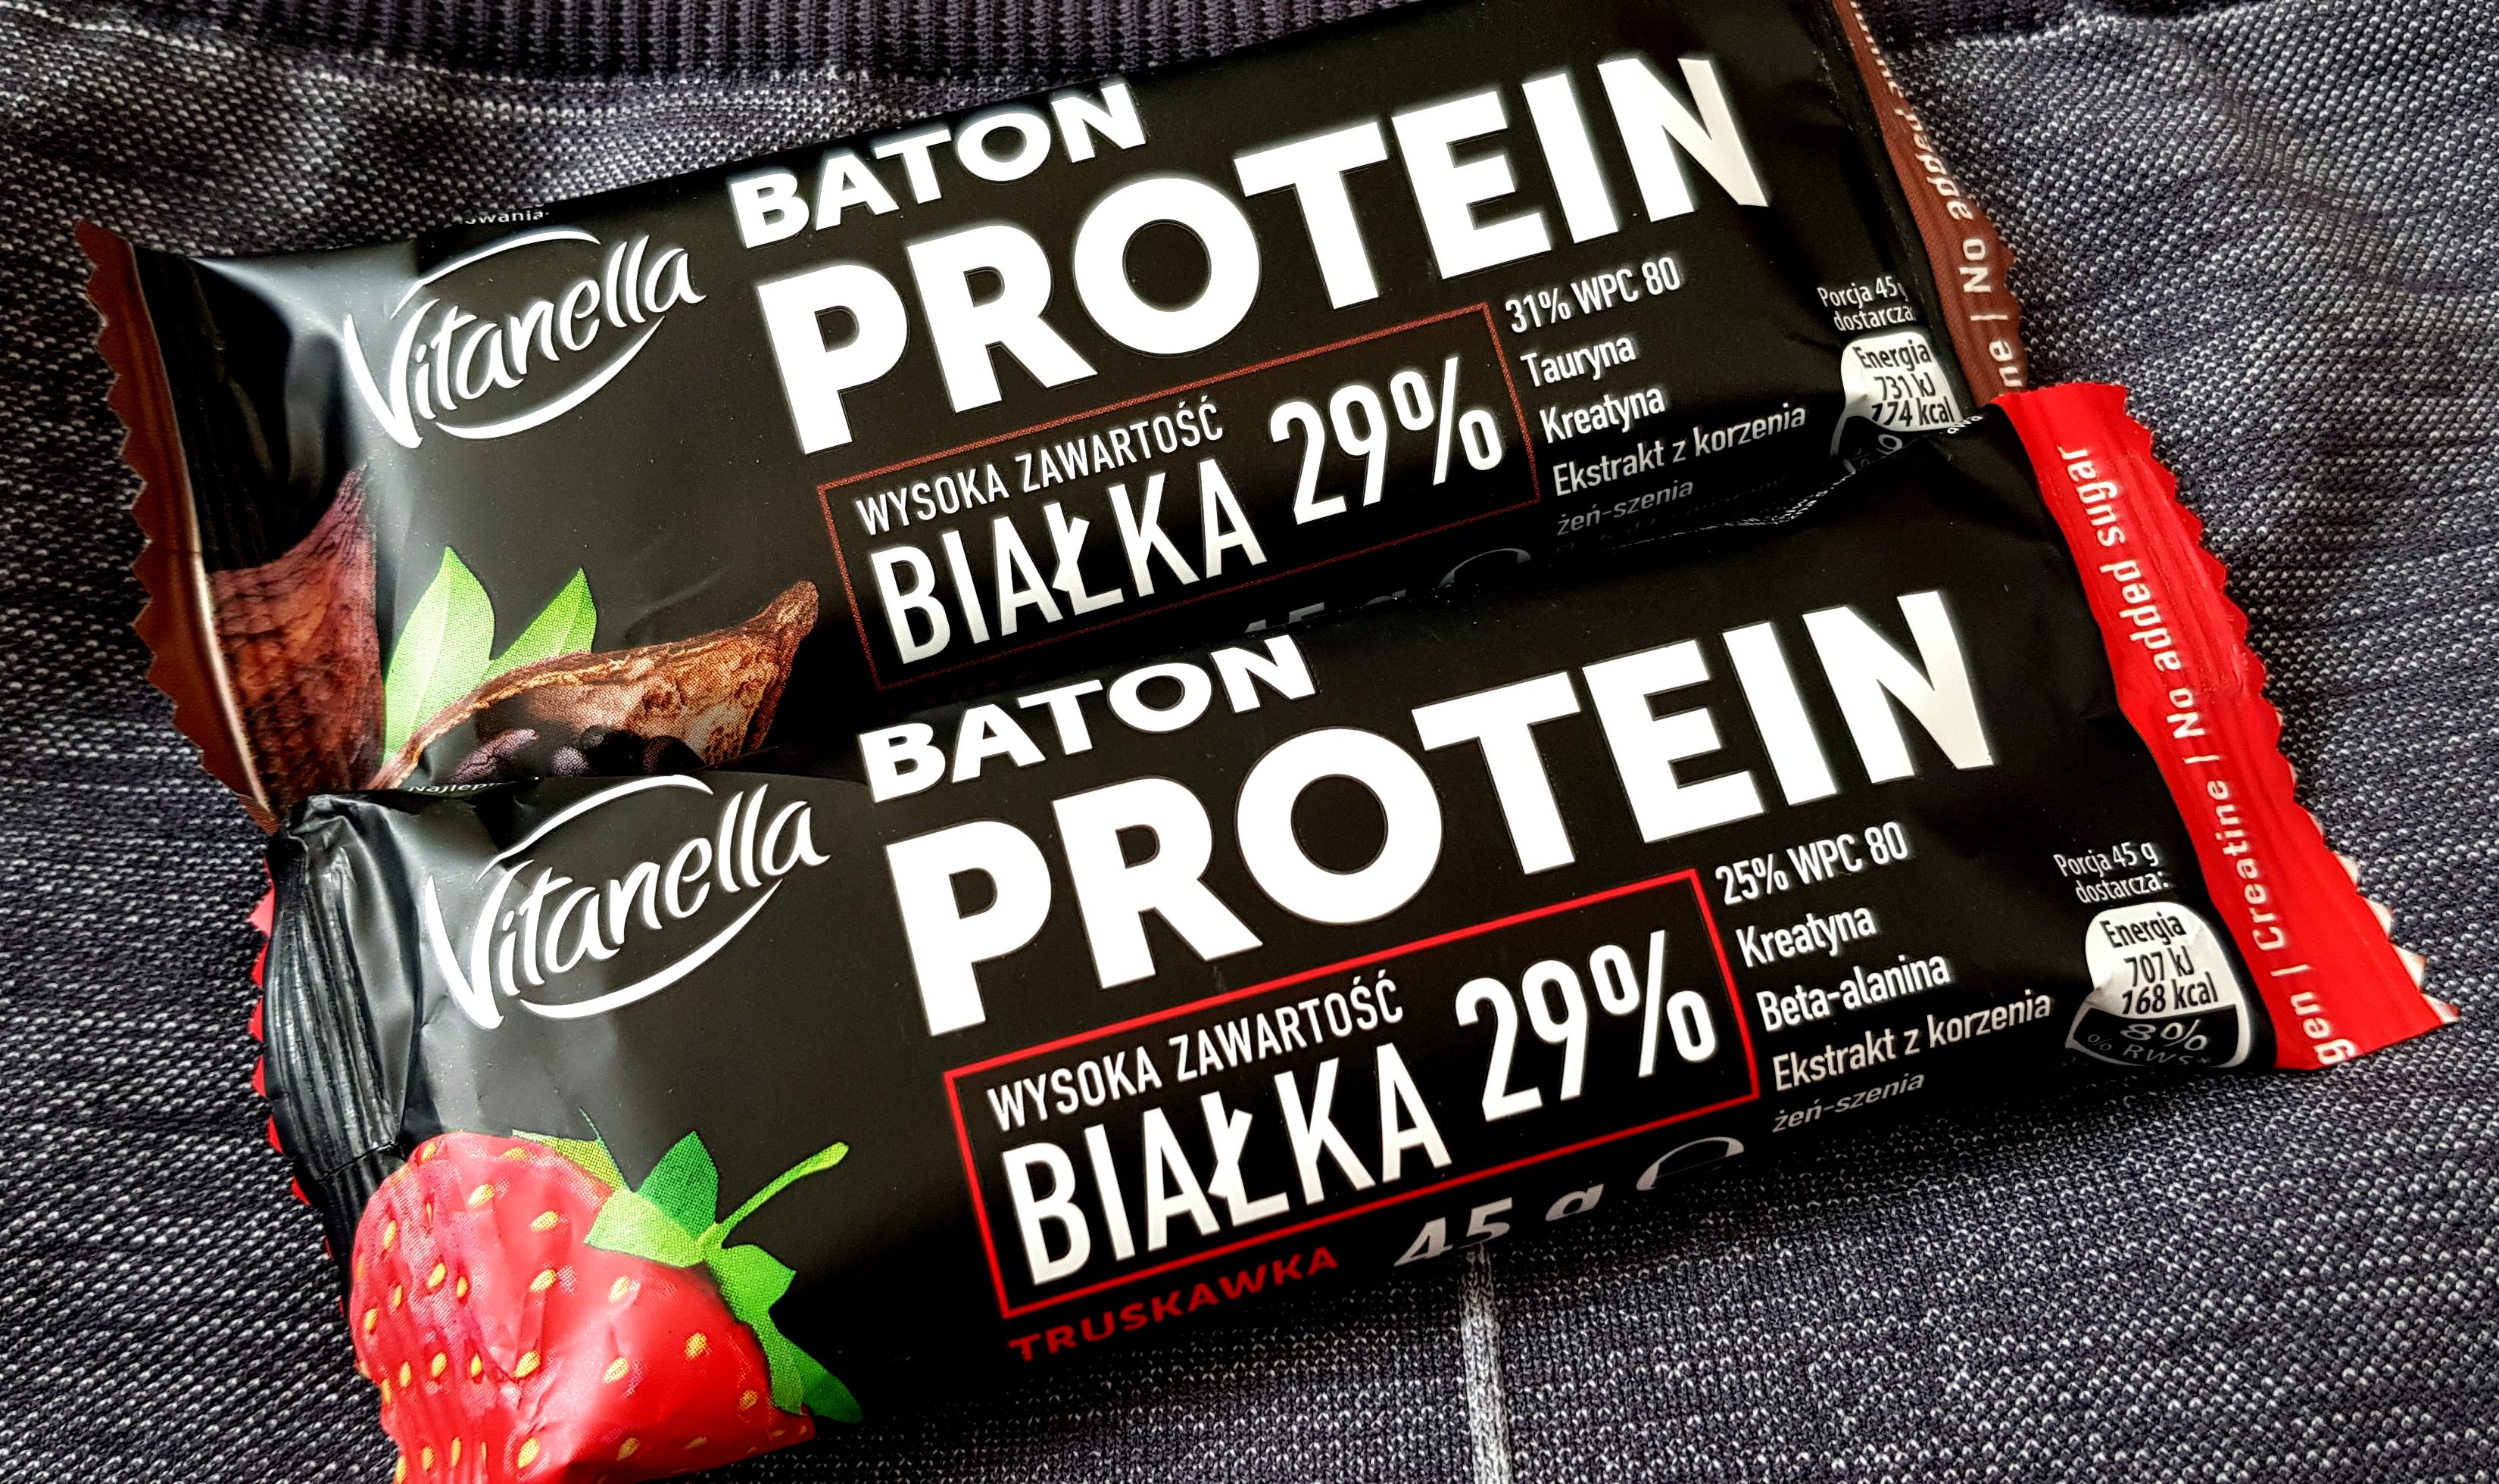 Vitanella Truskawka & Kakao, baton proteinowy z Biedronki